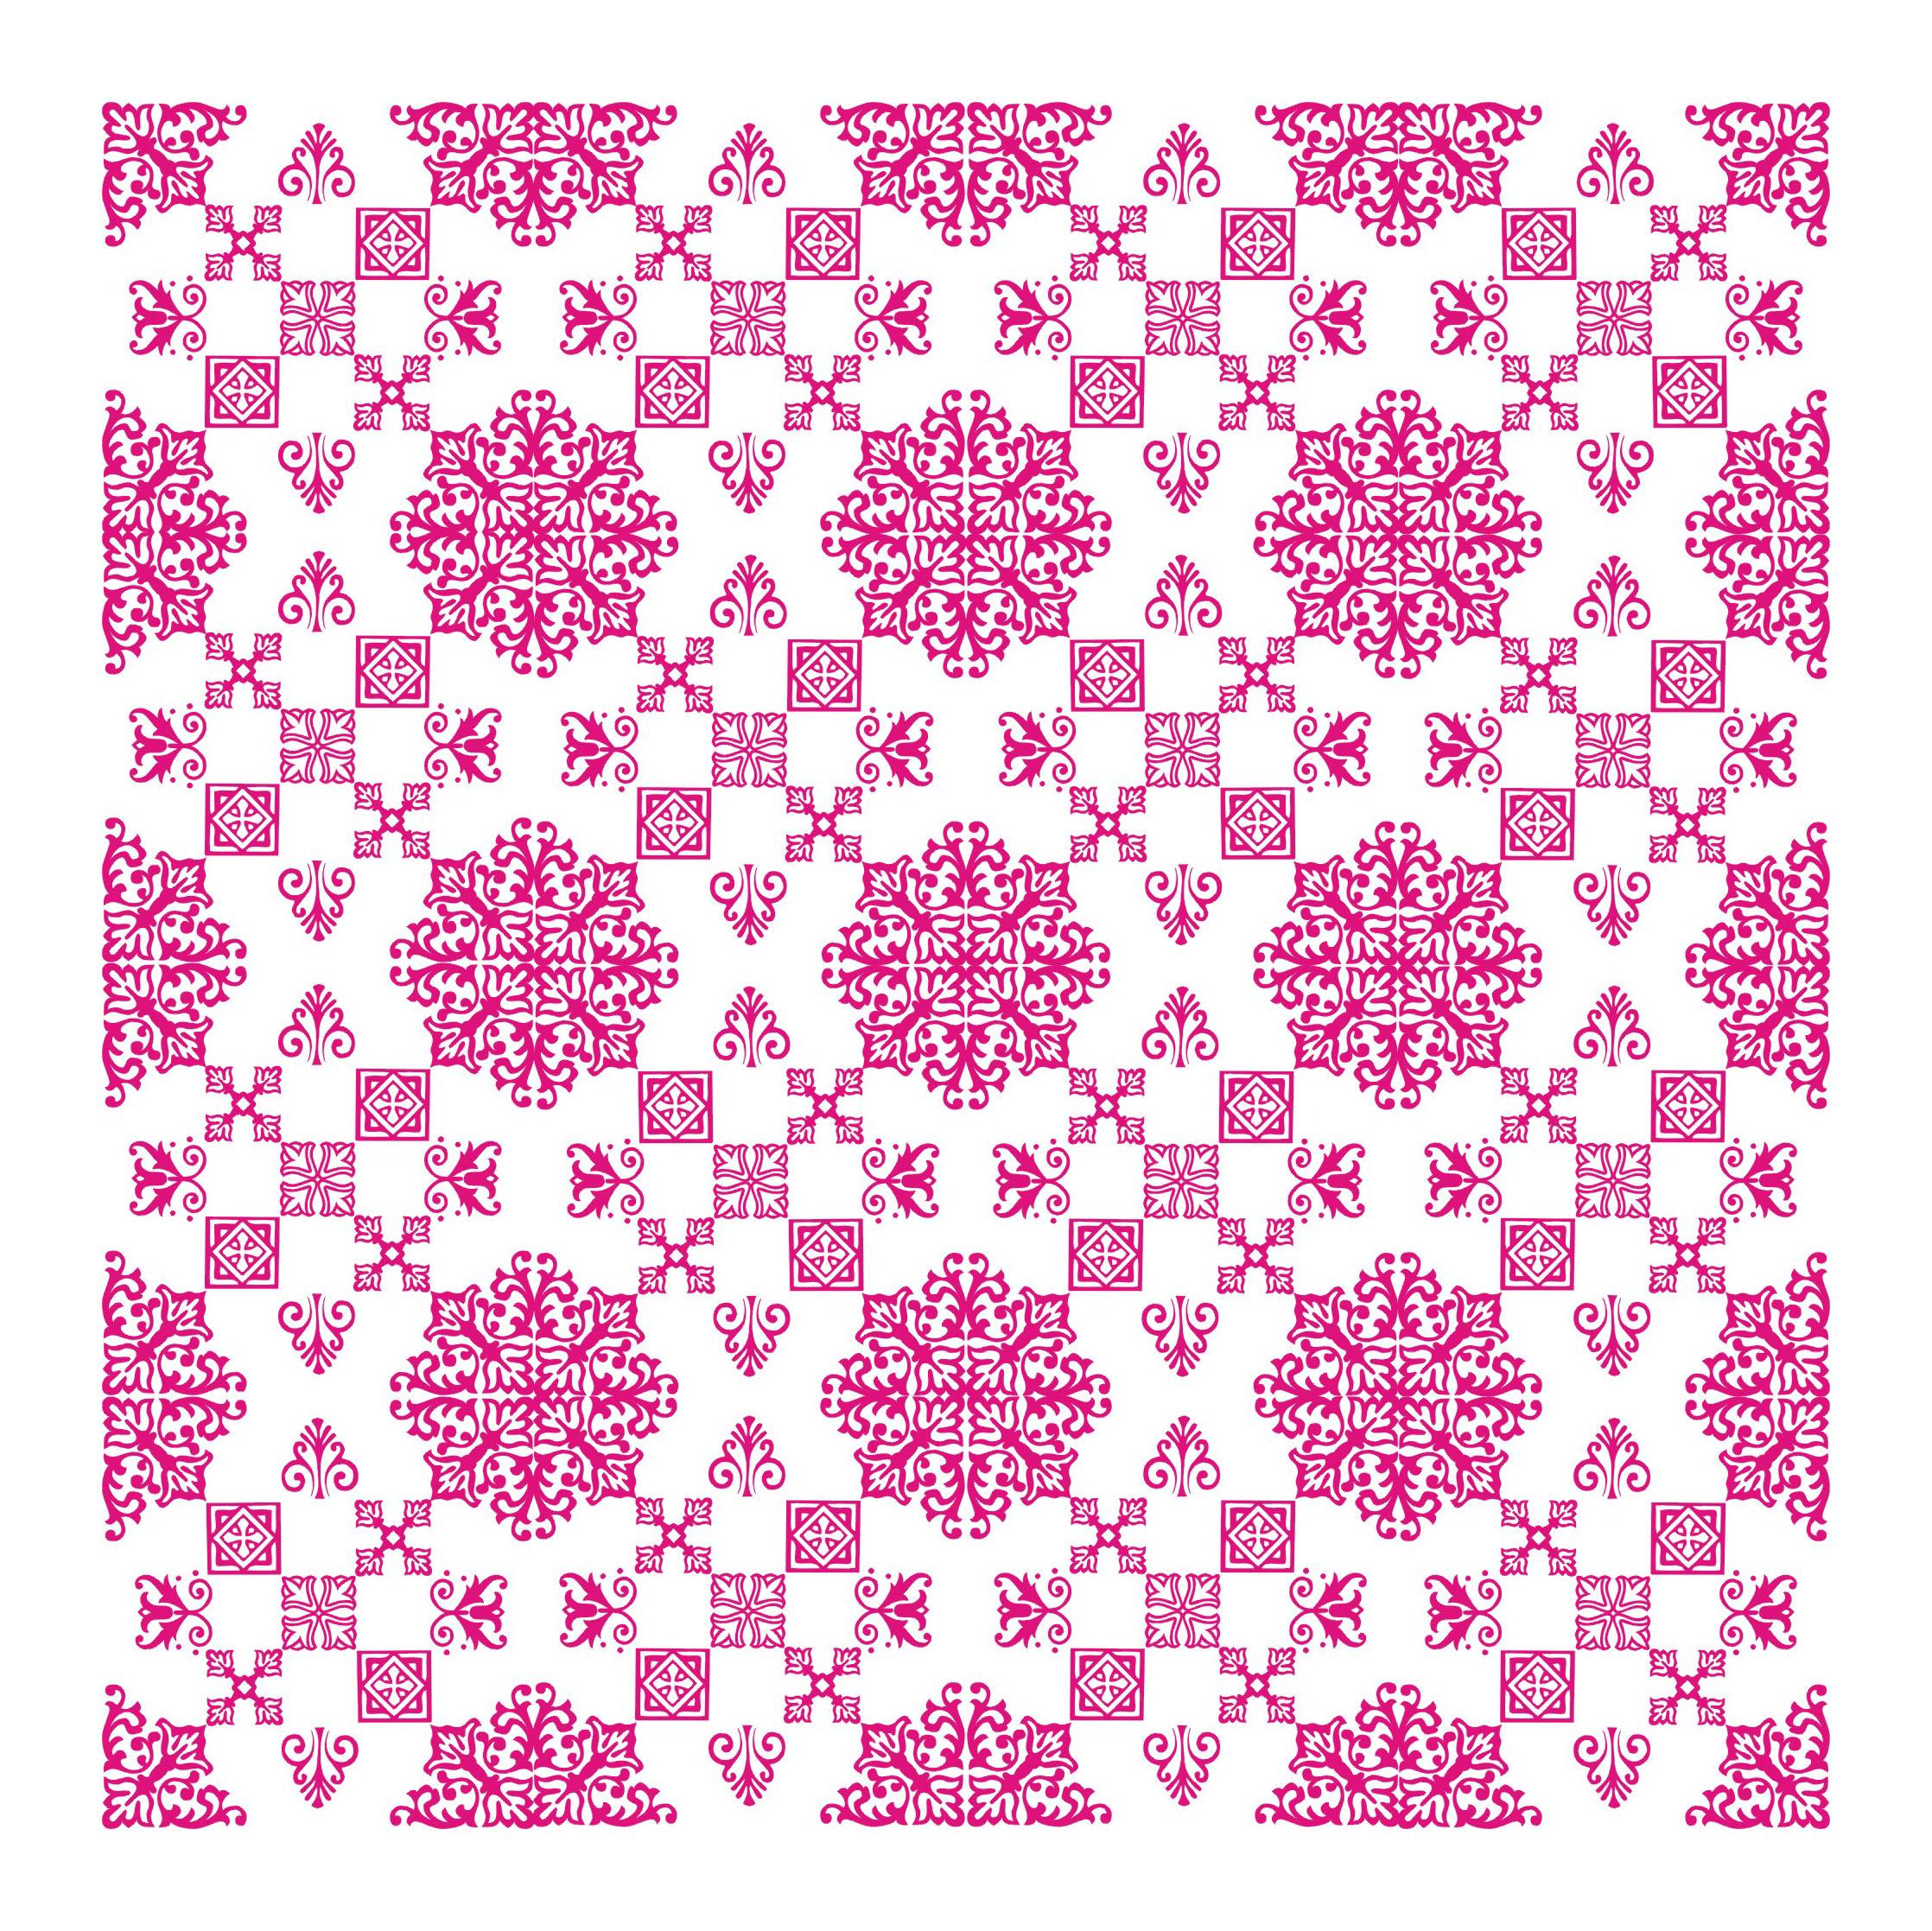 Pattern by otavio999